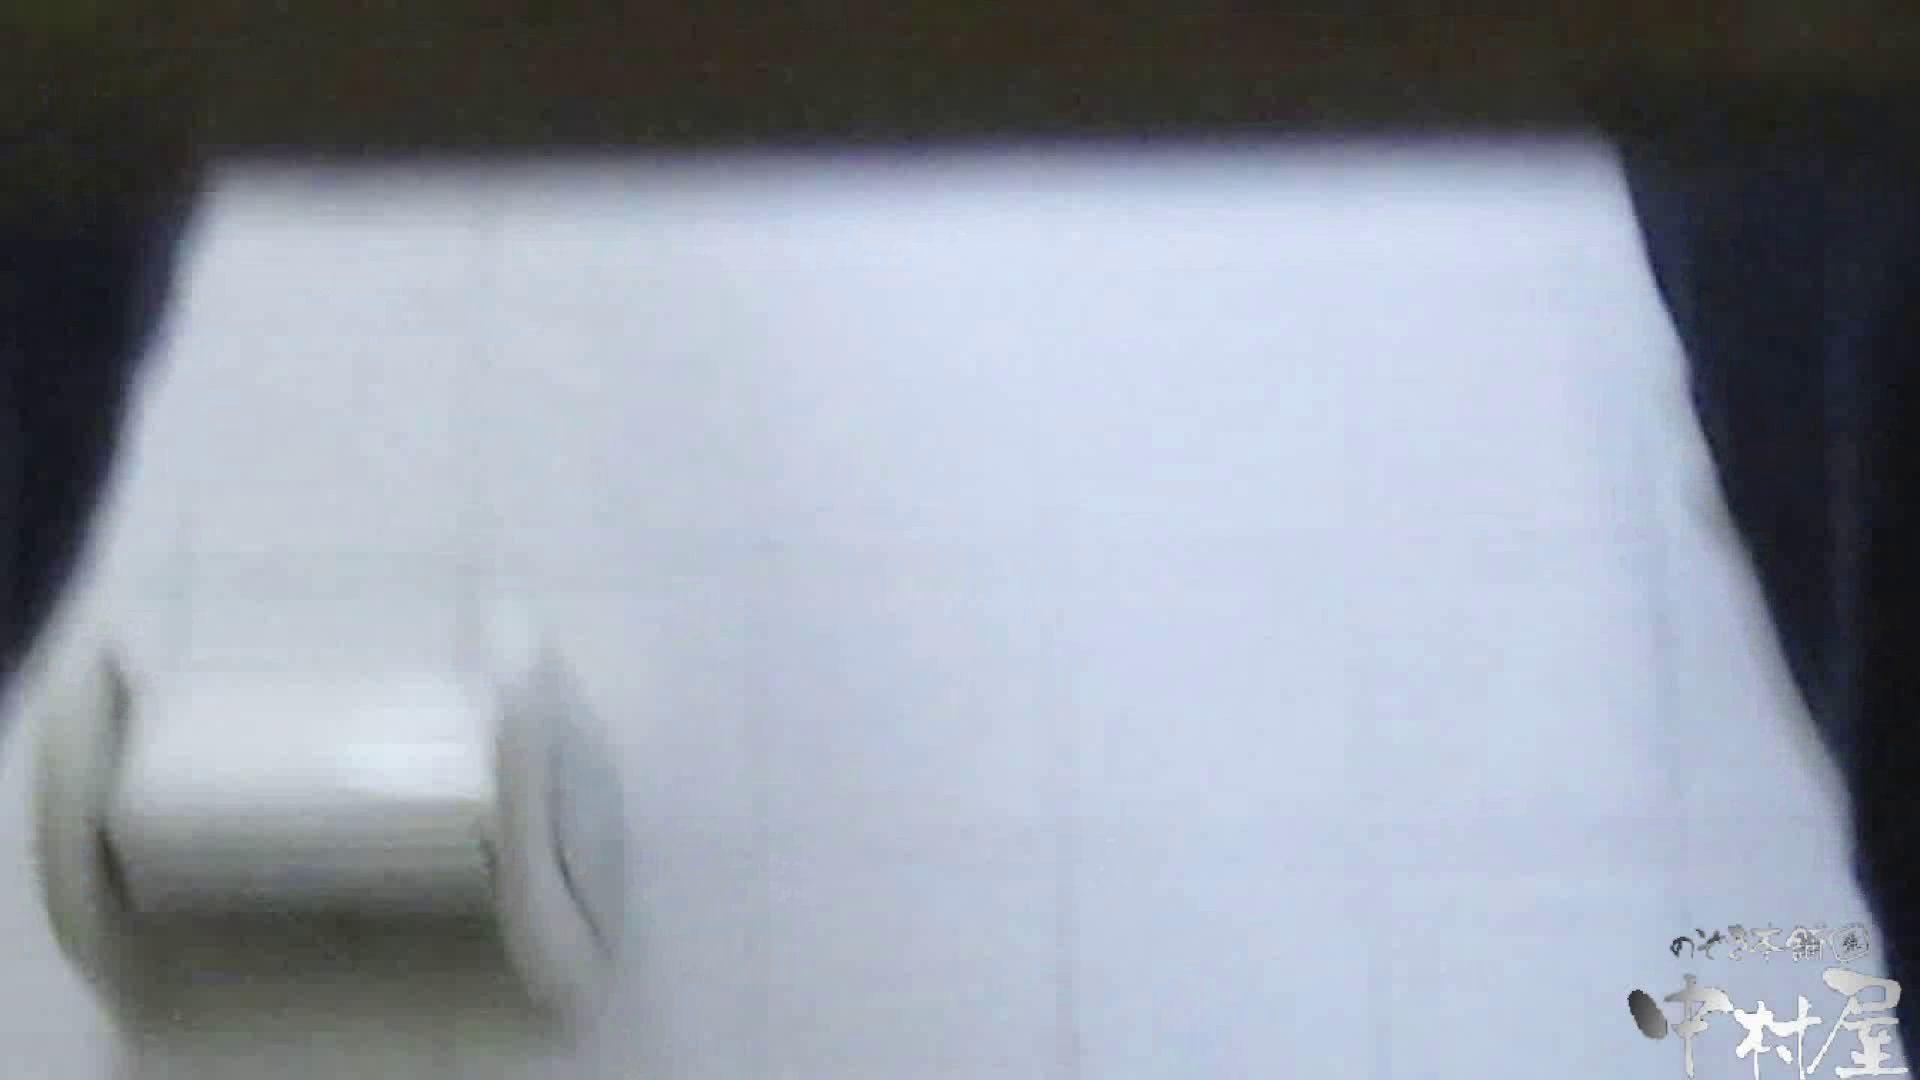 魂のかわや盗撮62連発! 透明な聖水発射お姉さん! 39発目! 0 | 0  23連発 21